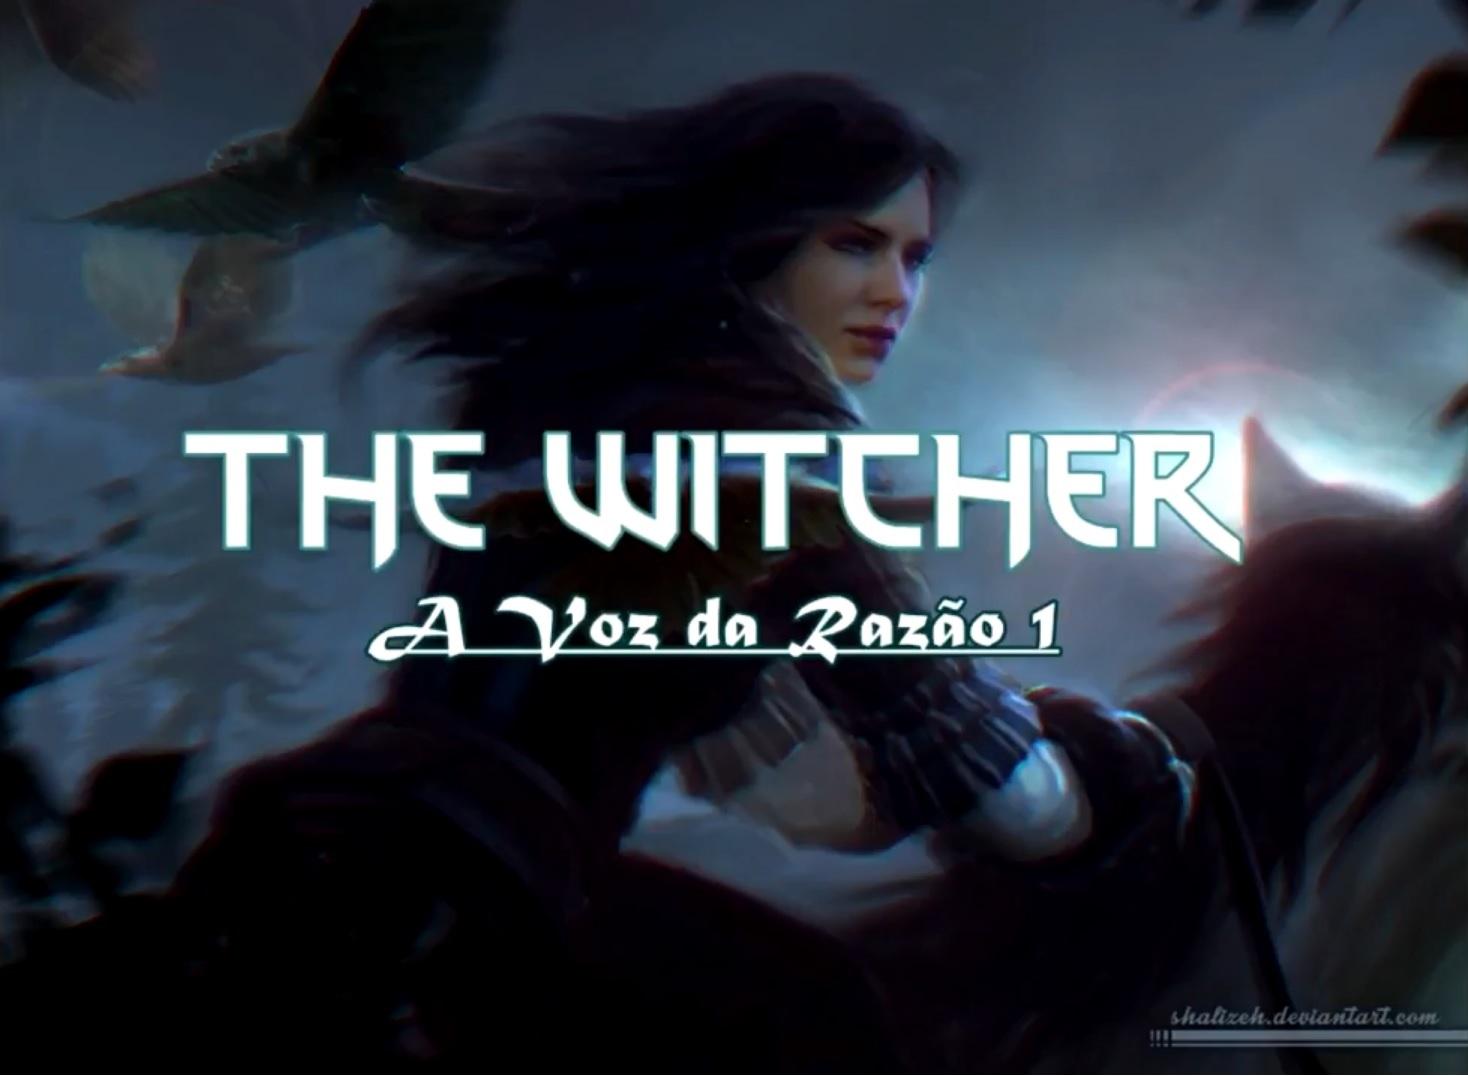 witcher audiobook www